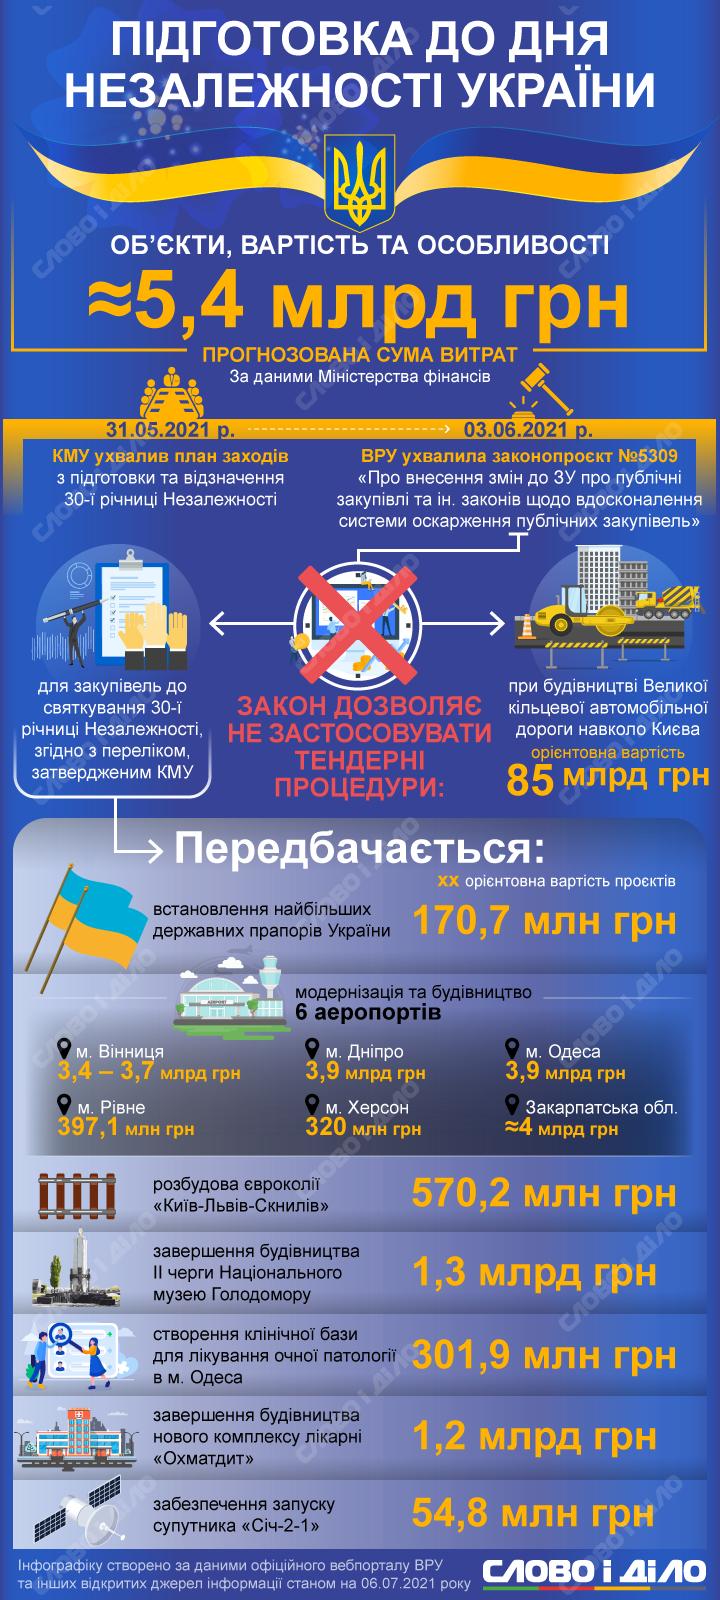 На підготовку до Дня Незалежності 2021 планують витратити близько 5,4 млрд грн. Детальніше – на інфографіці.